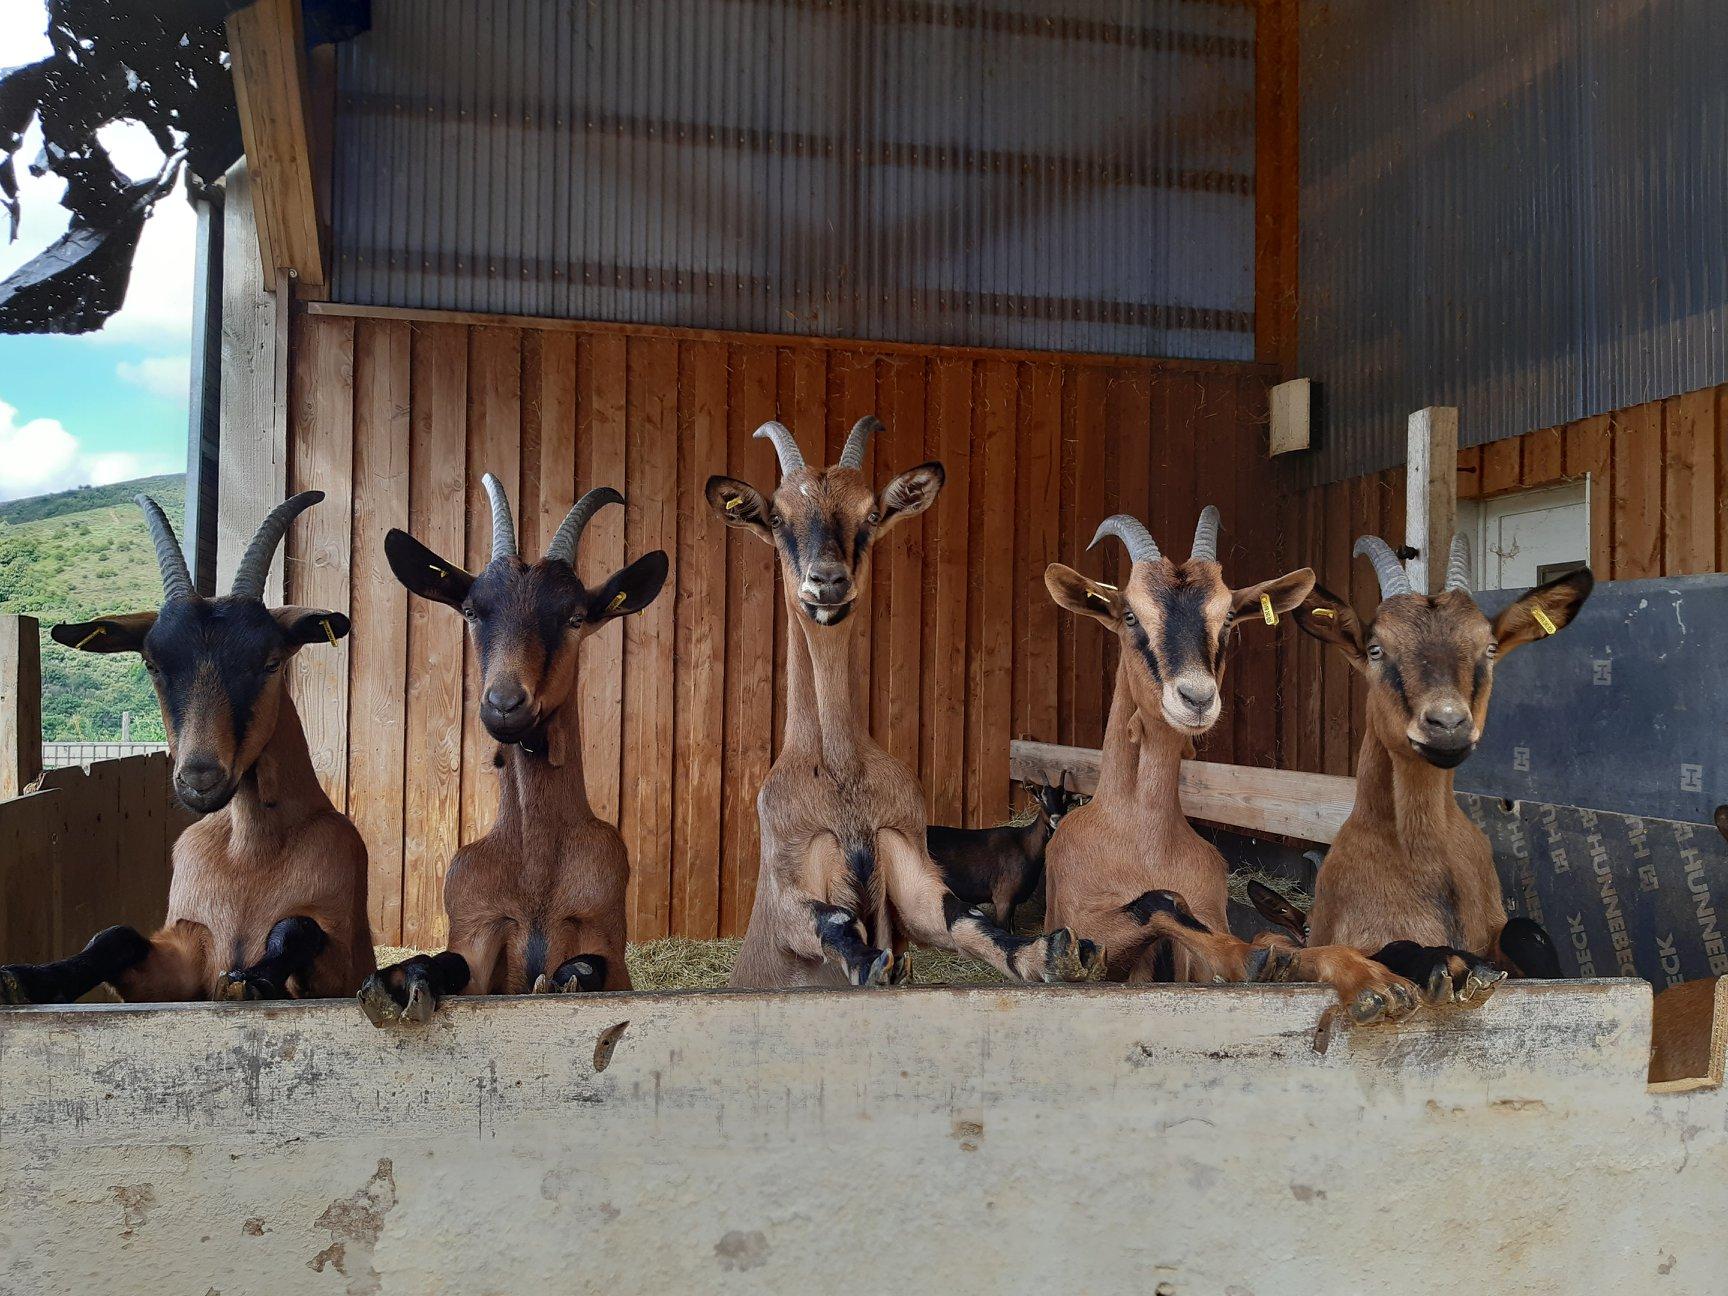 Les chèvres de Corbières